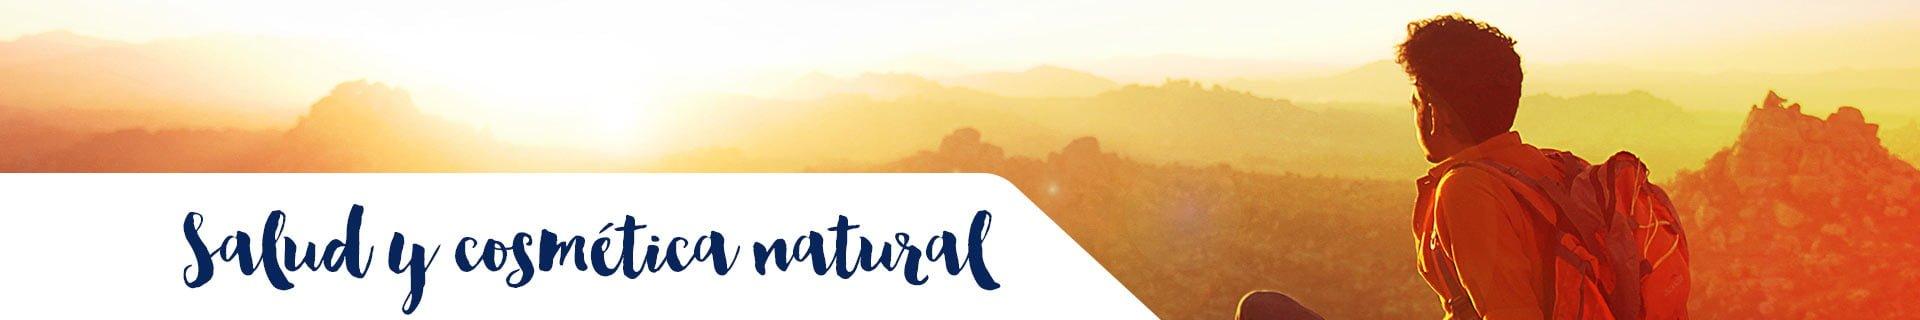 Salud y cosmética natural